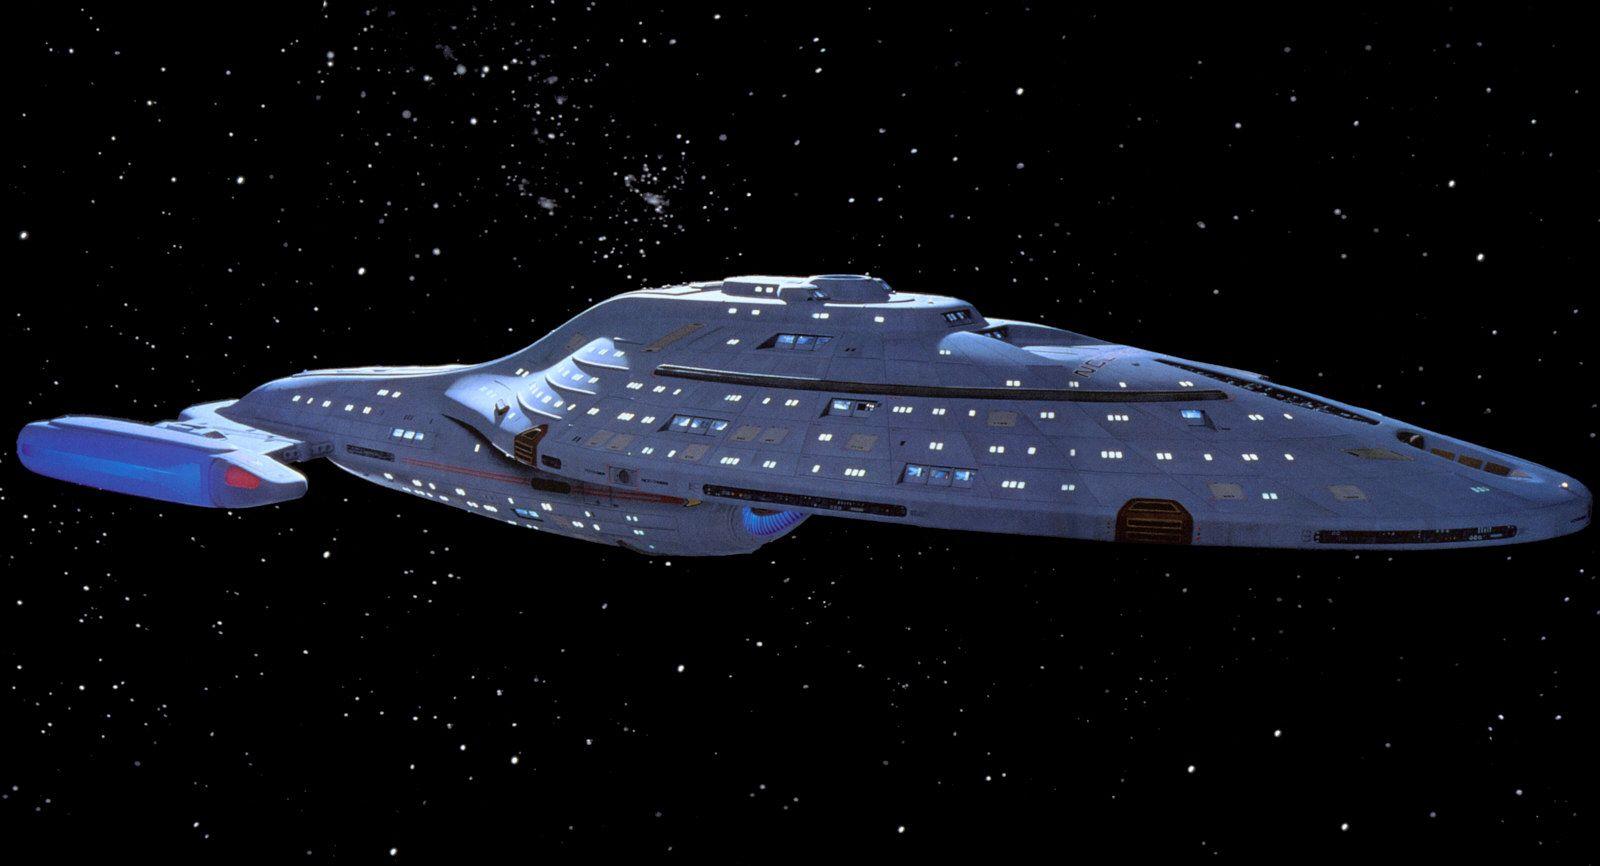 Star trek voyager spacecraft - Star Trek Voyager Voyager